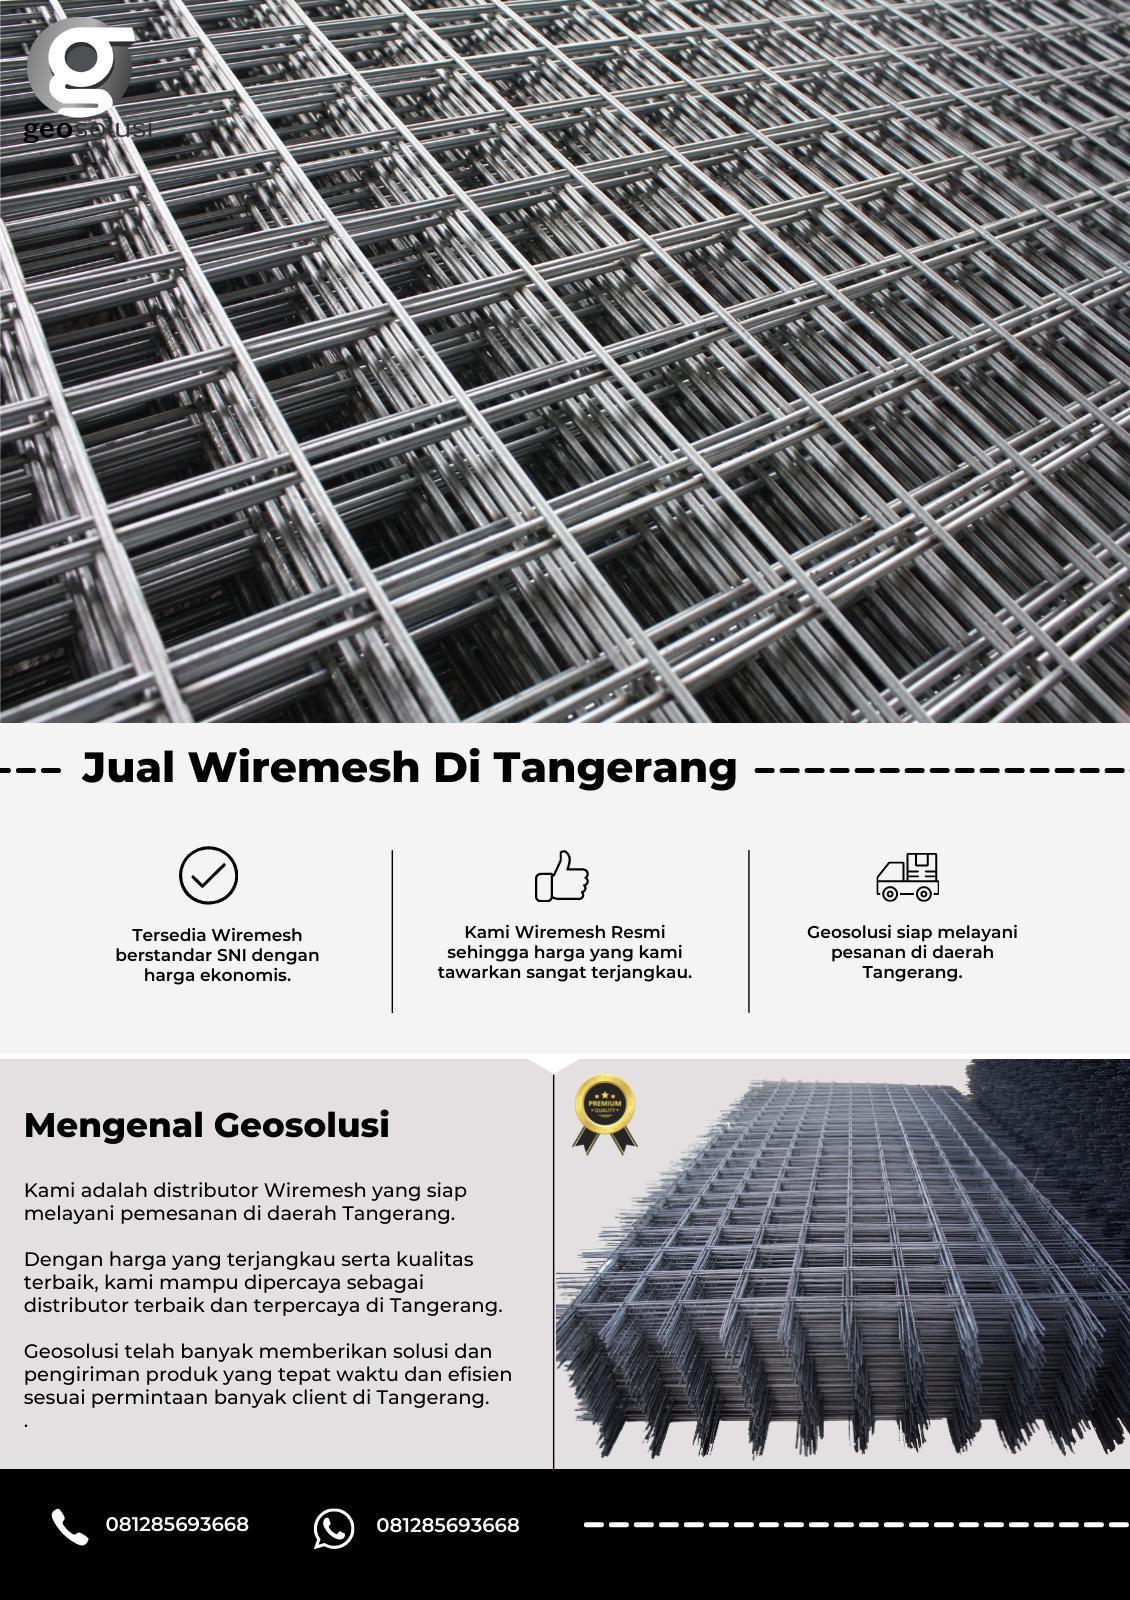 Jual Wiremesh Di Tangerang